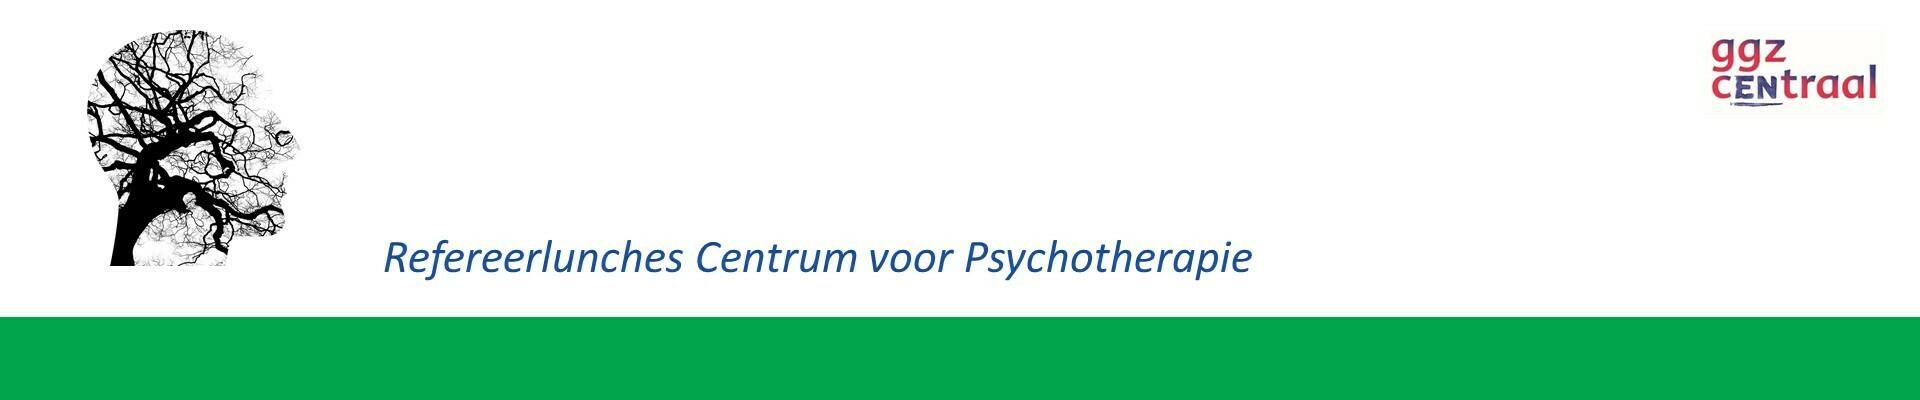 Refereerlunch Centrum voor Psychotherapie 9 maart